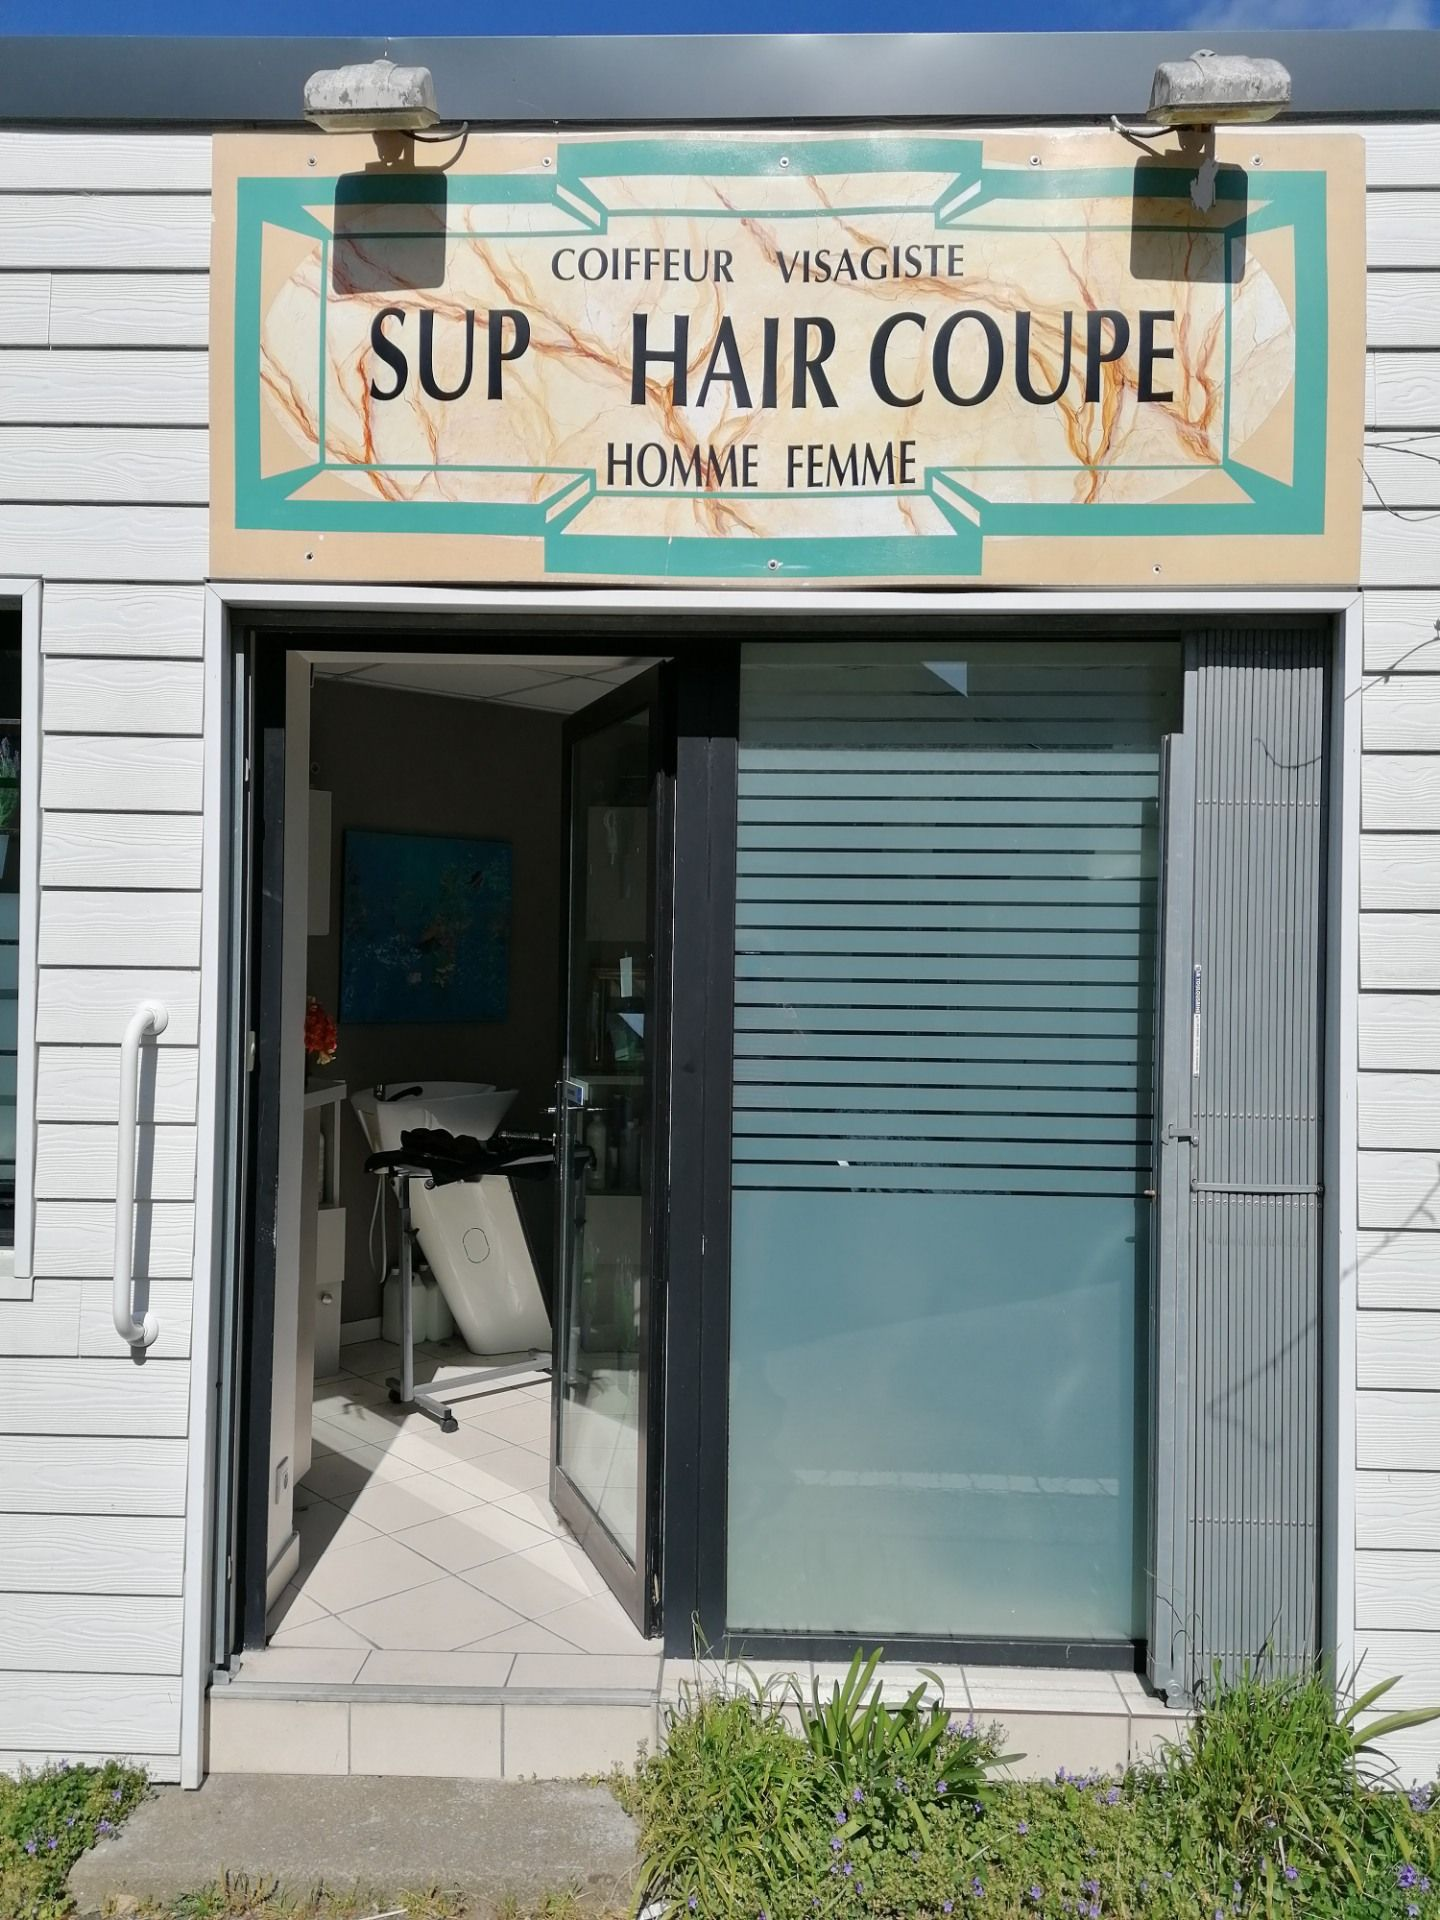 Sup Hair Coupe Nantes Coiffeur Visagiste Salon De Coiffure Coupe Homme